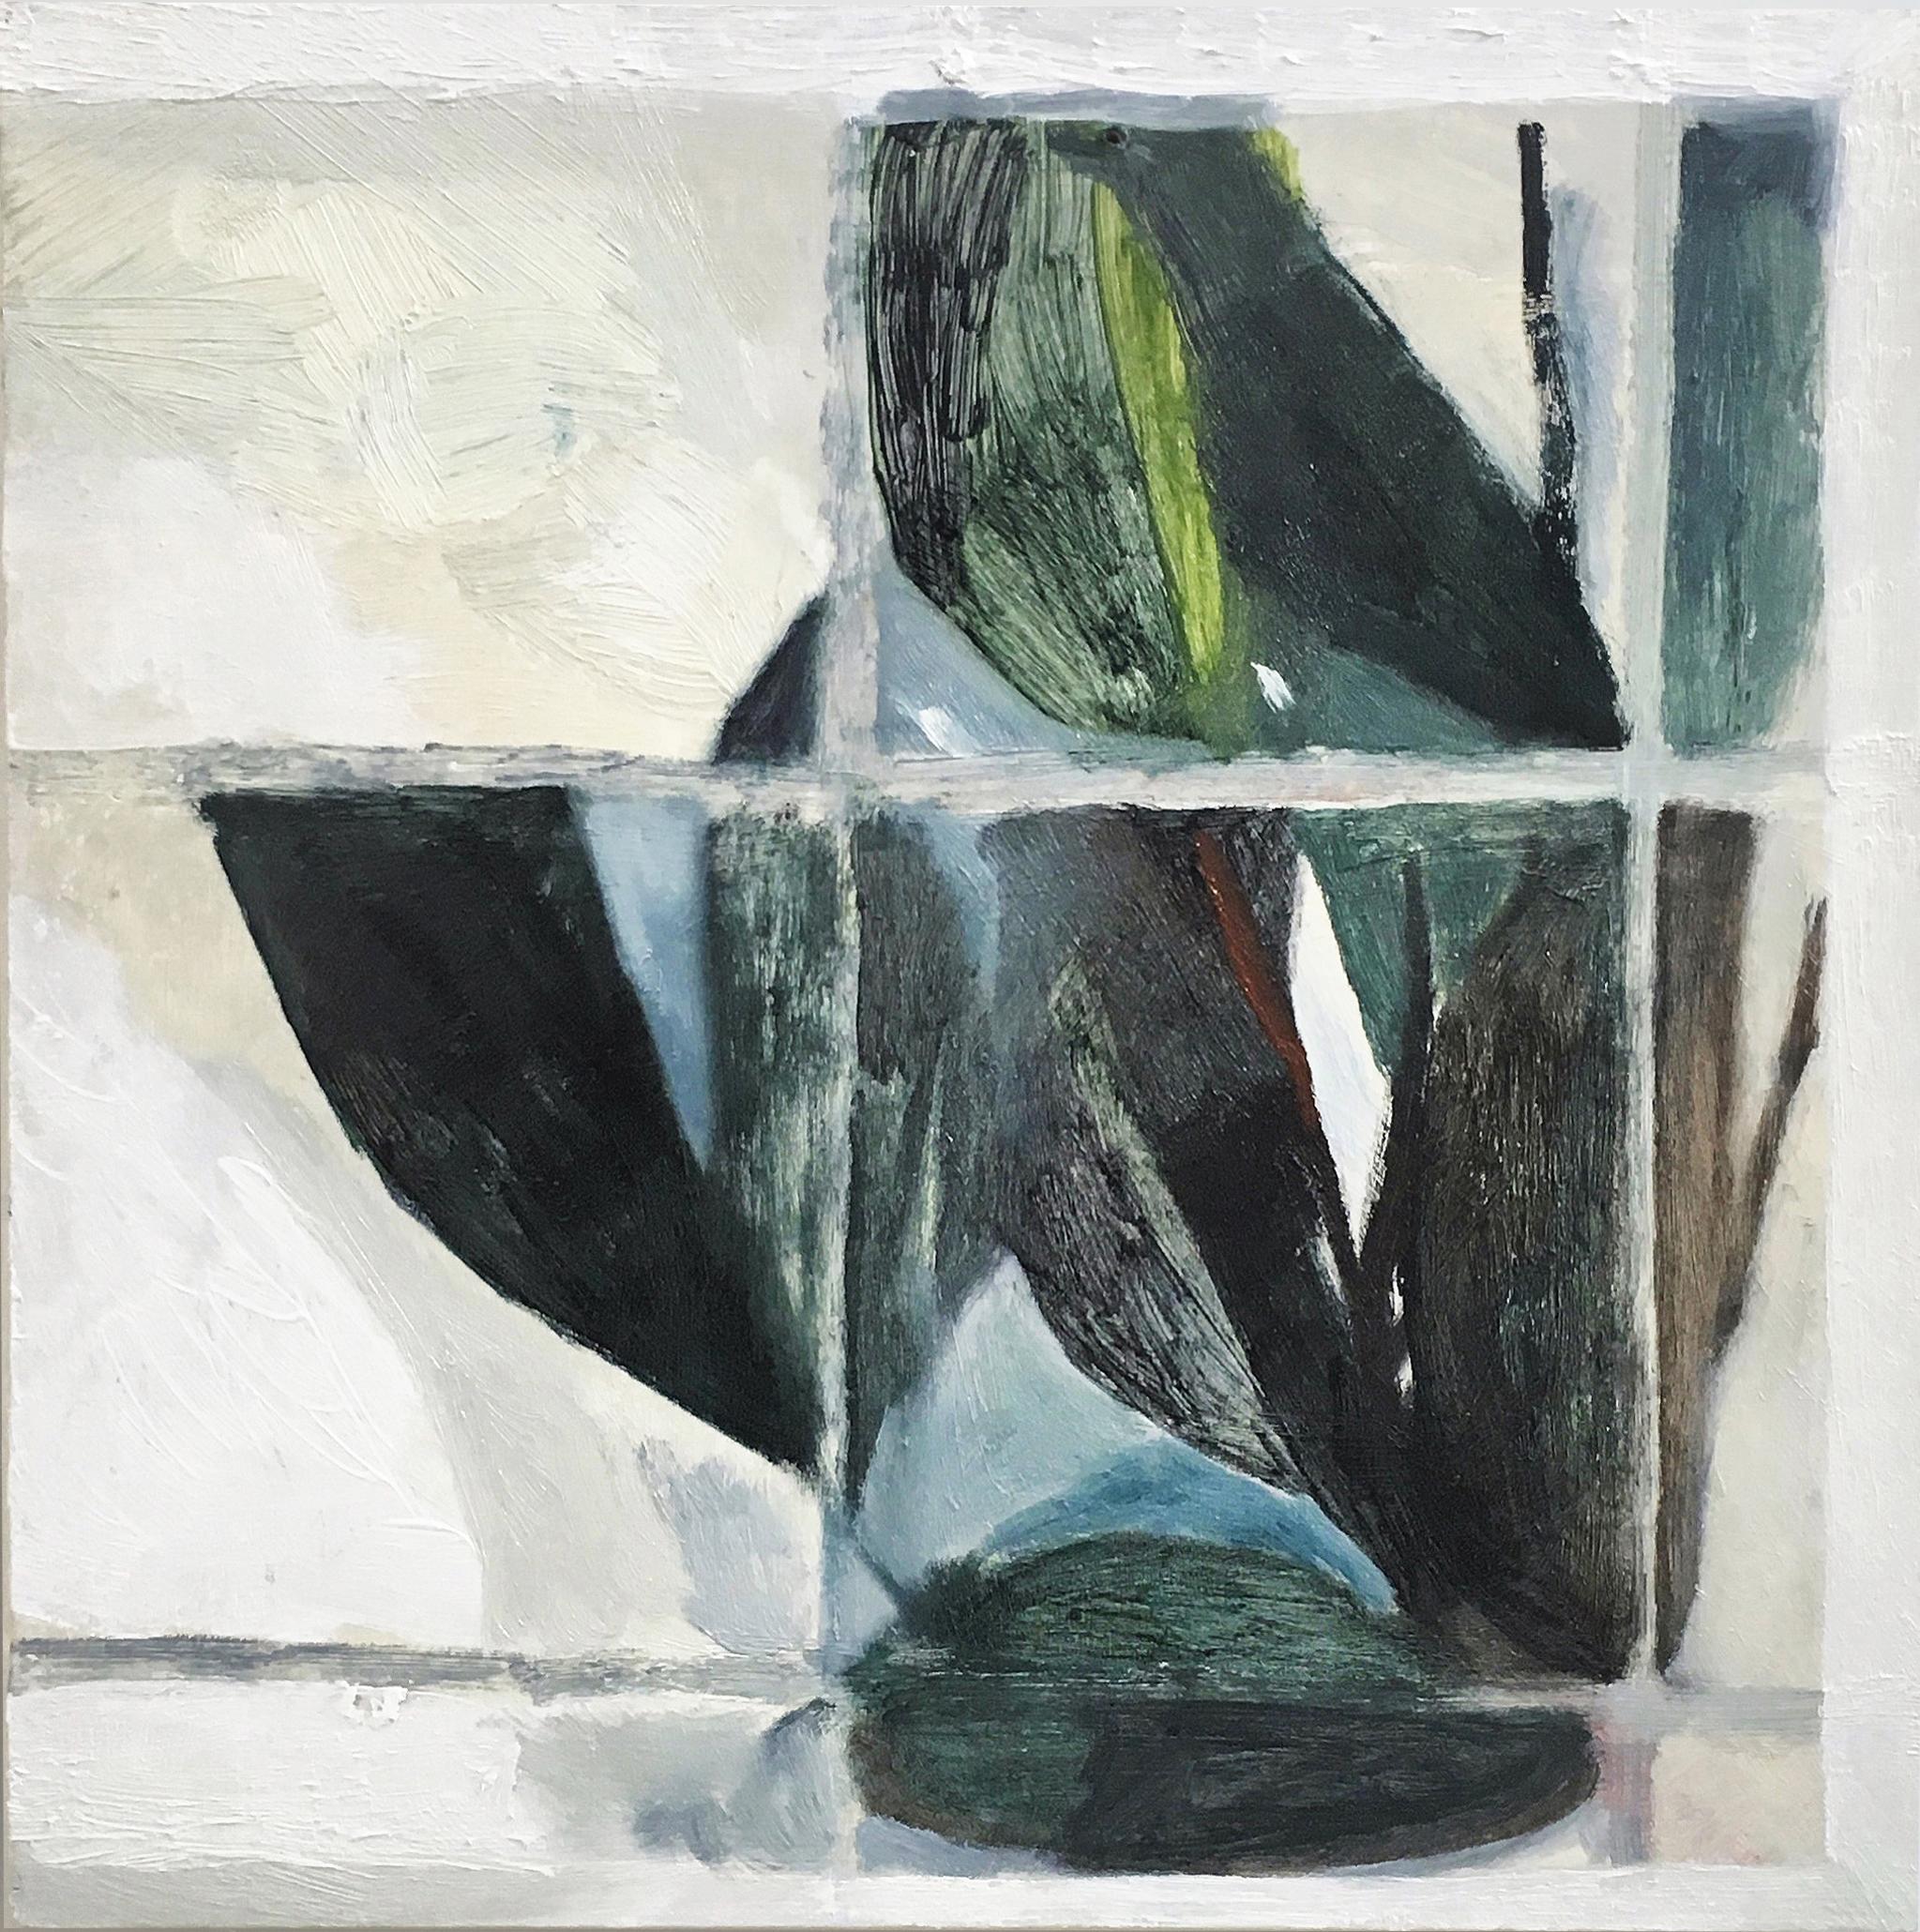 """Ellen Siebers, """"Studio Plant"""", 2017, Oil on shaped panel, 9.5 x 9.5 in"""